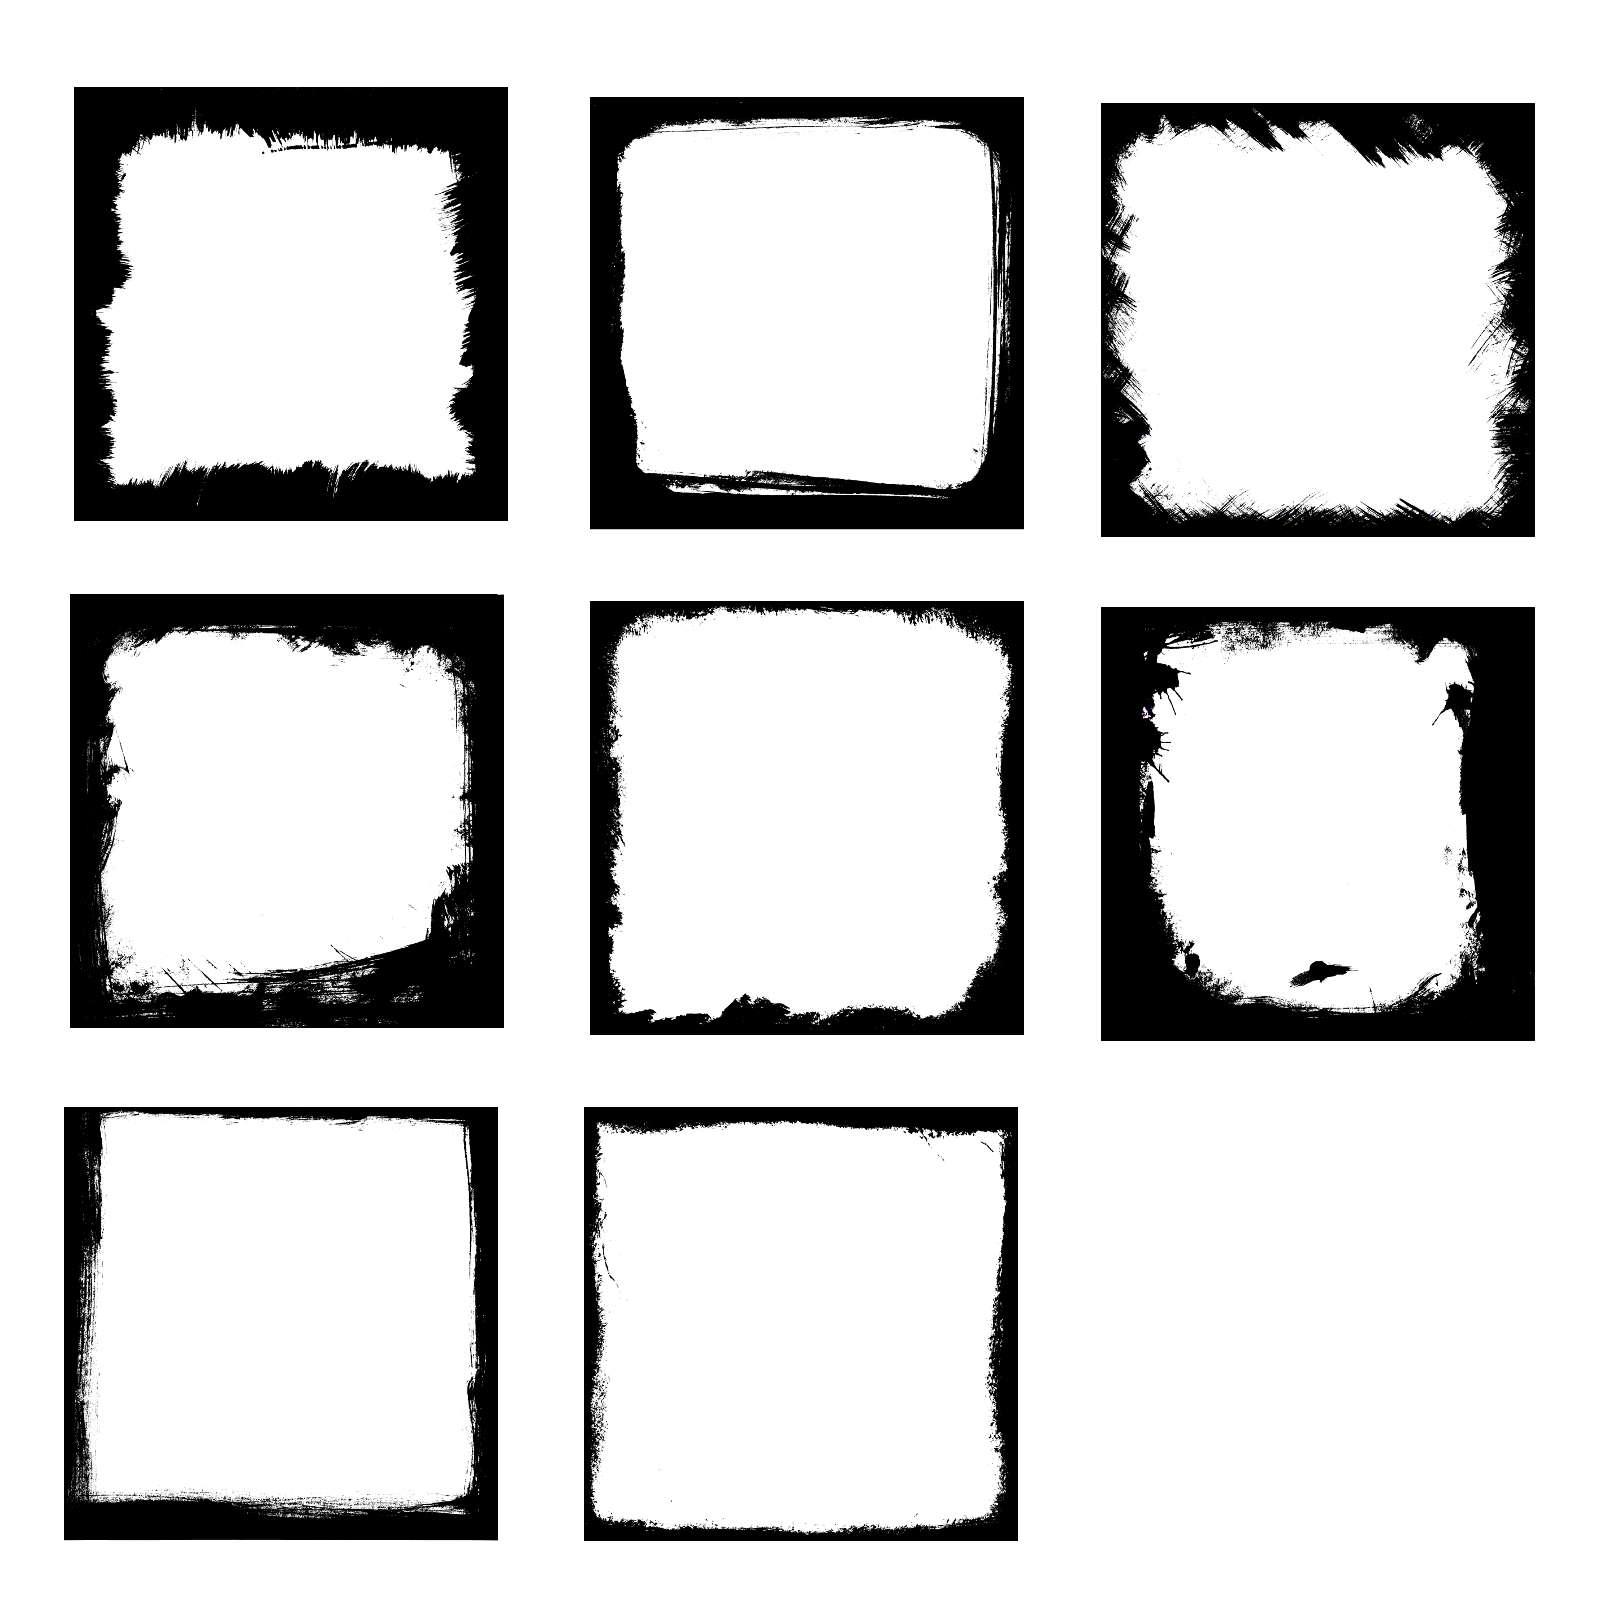 8 Square Grunge Frame (PSD, PNG Transparent) | OnlyGFX com